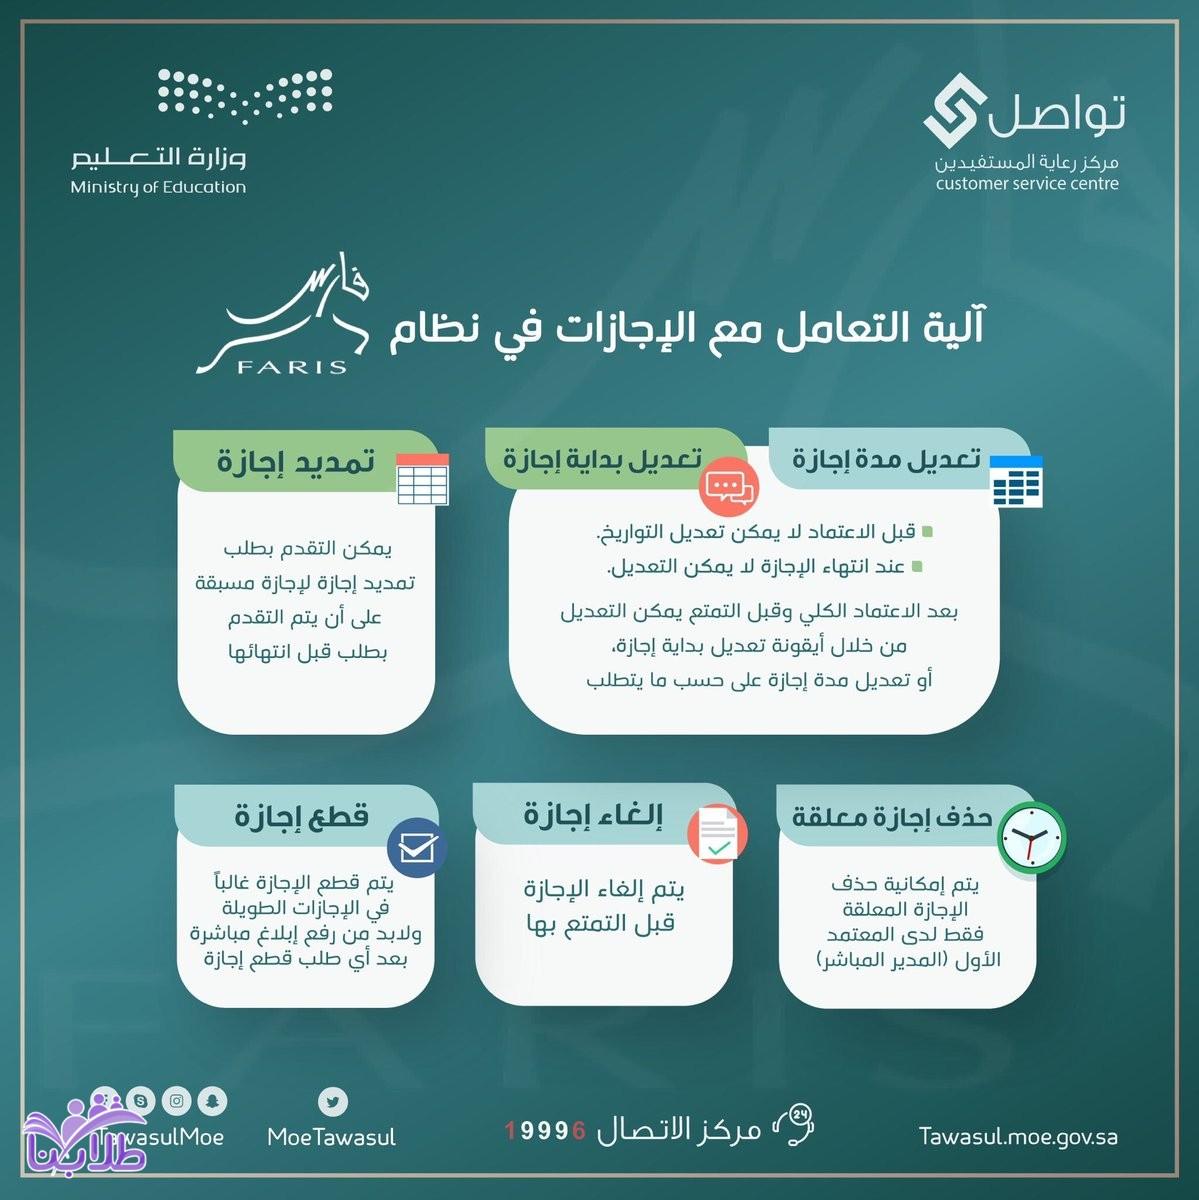 وزارة التعليم توضح آلية التعامل مع الإجازات في نظام فارس